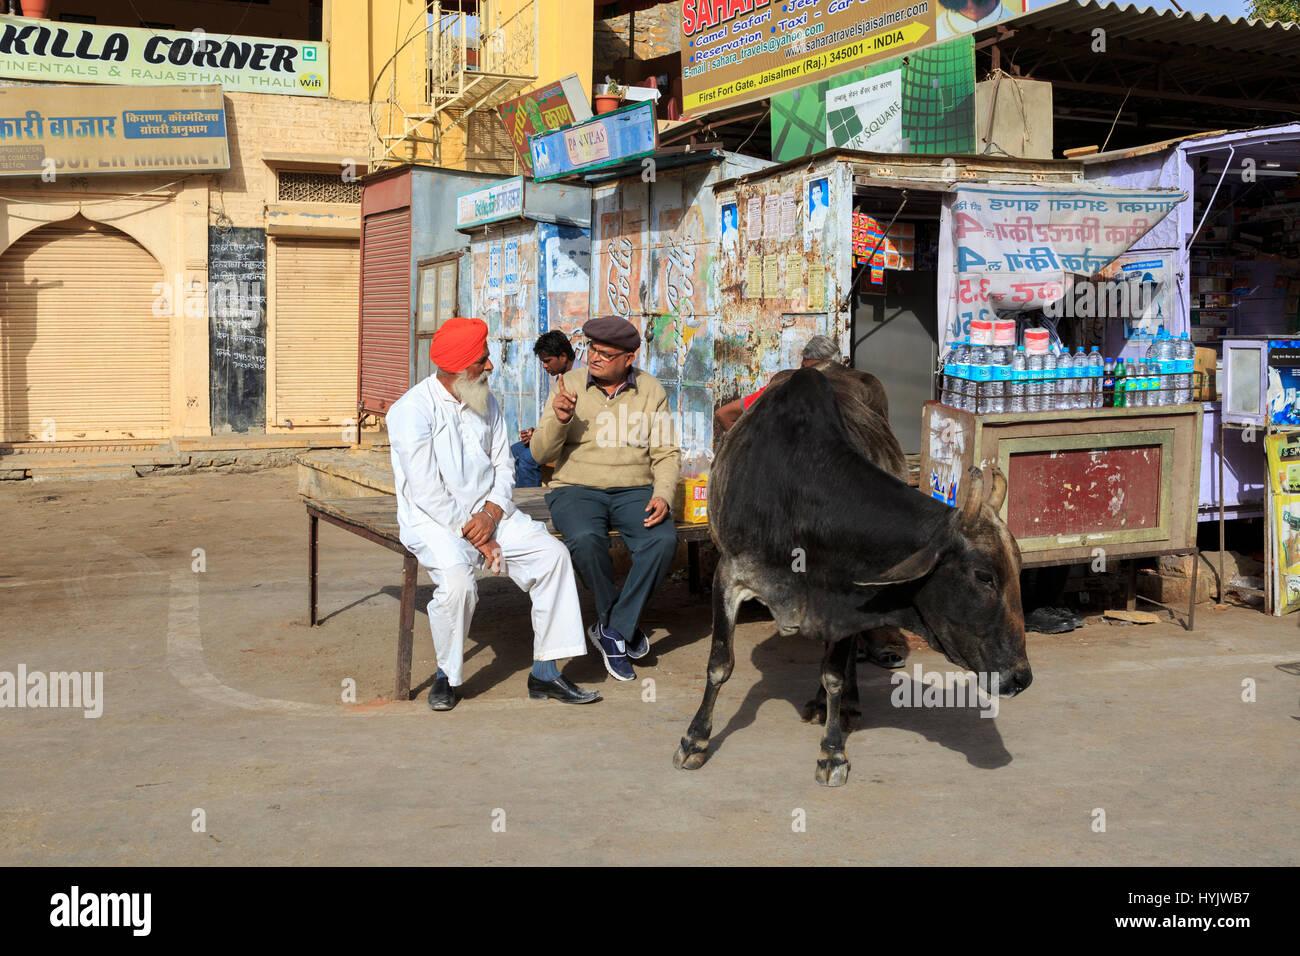 Strassenszene, Jaisalmer, Rajasthan, Indien Stockbild